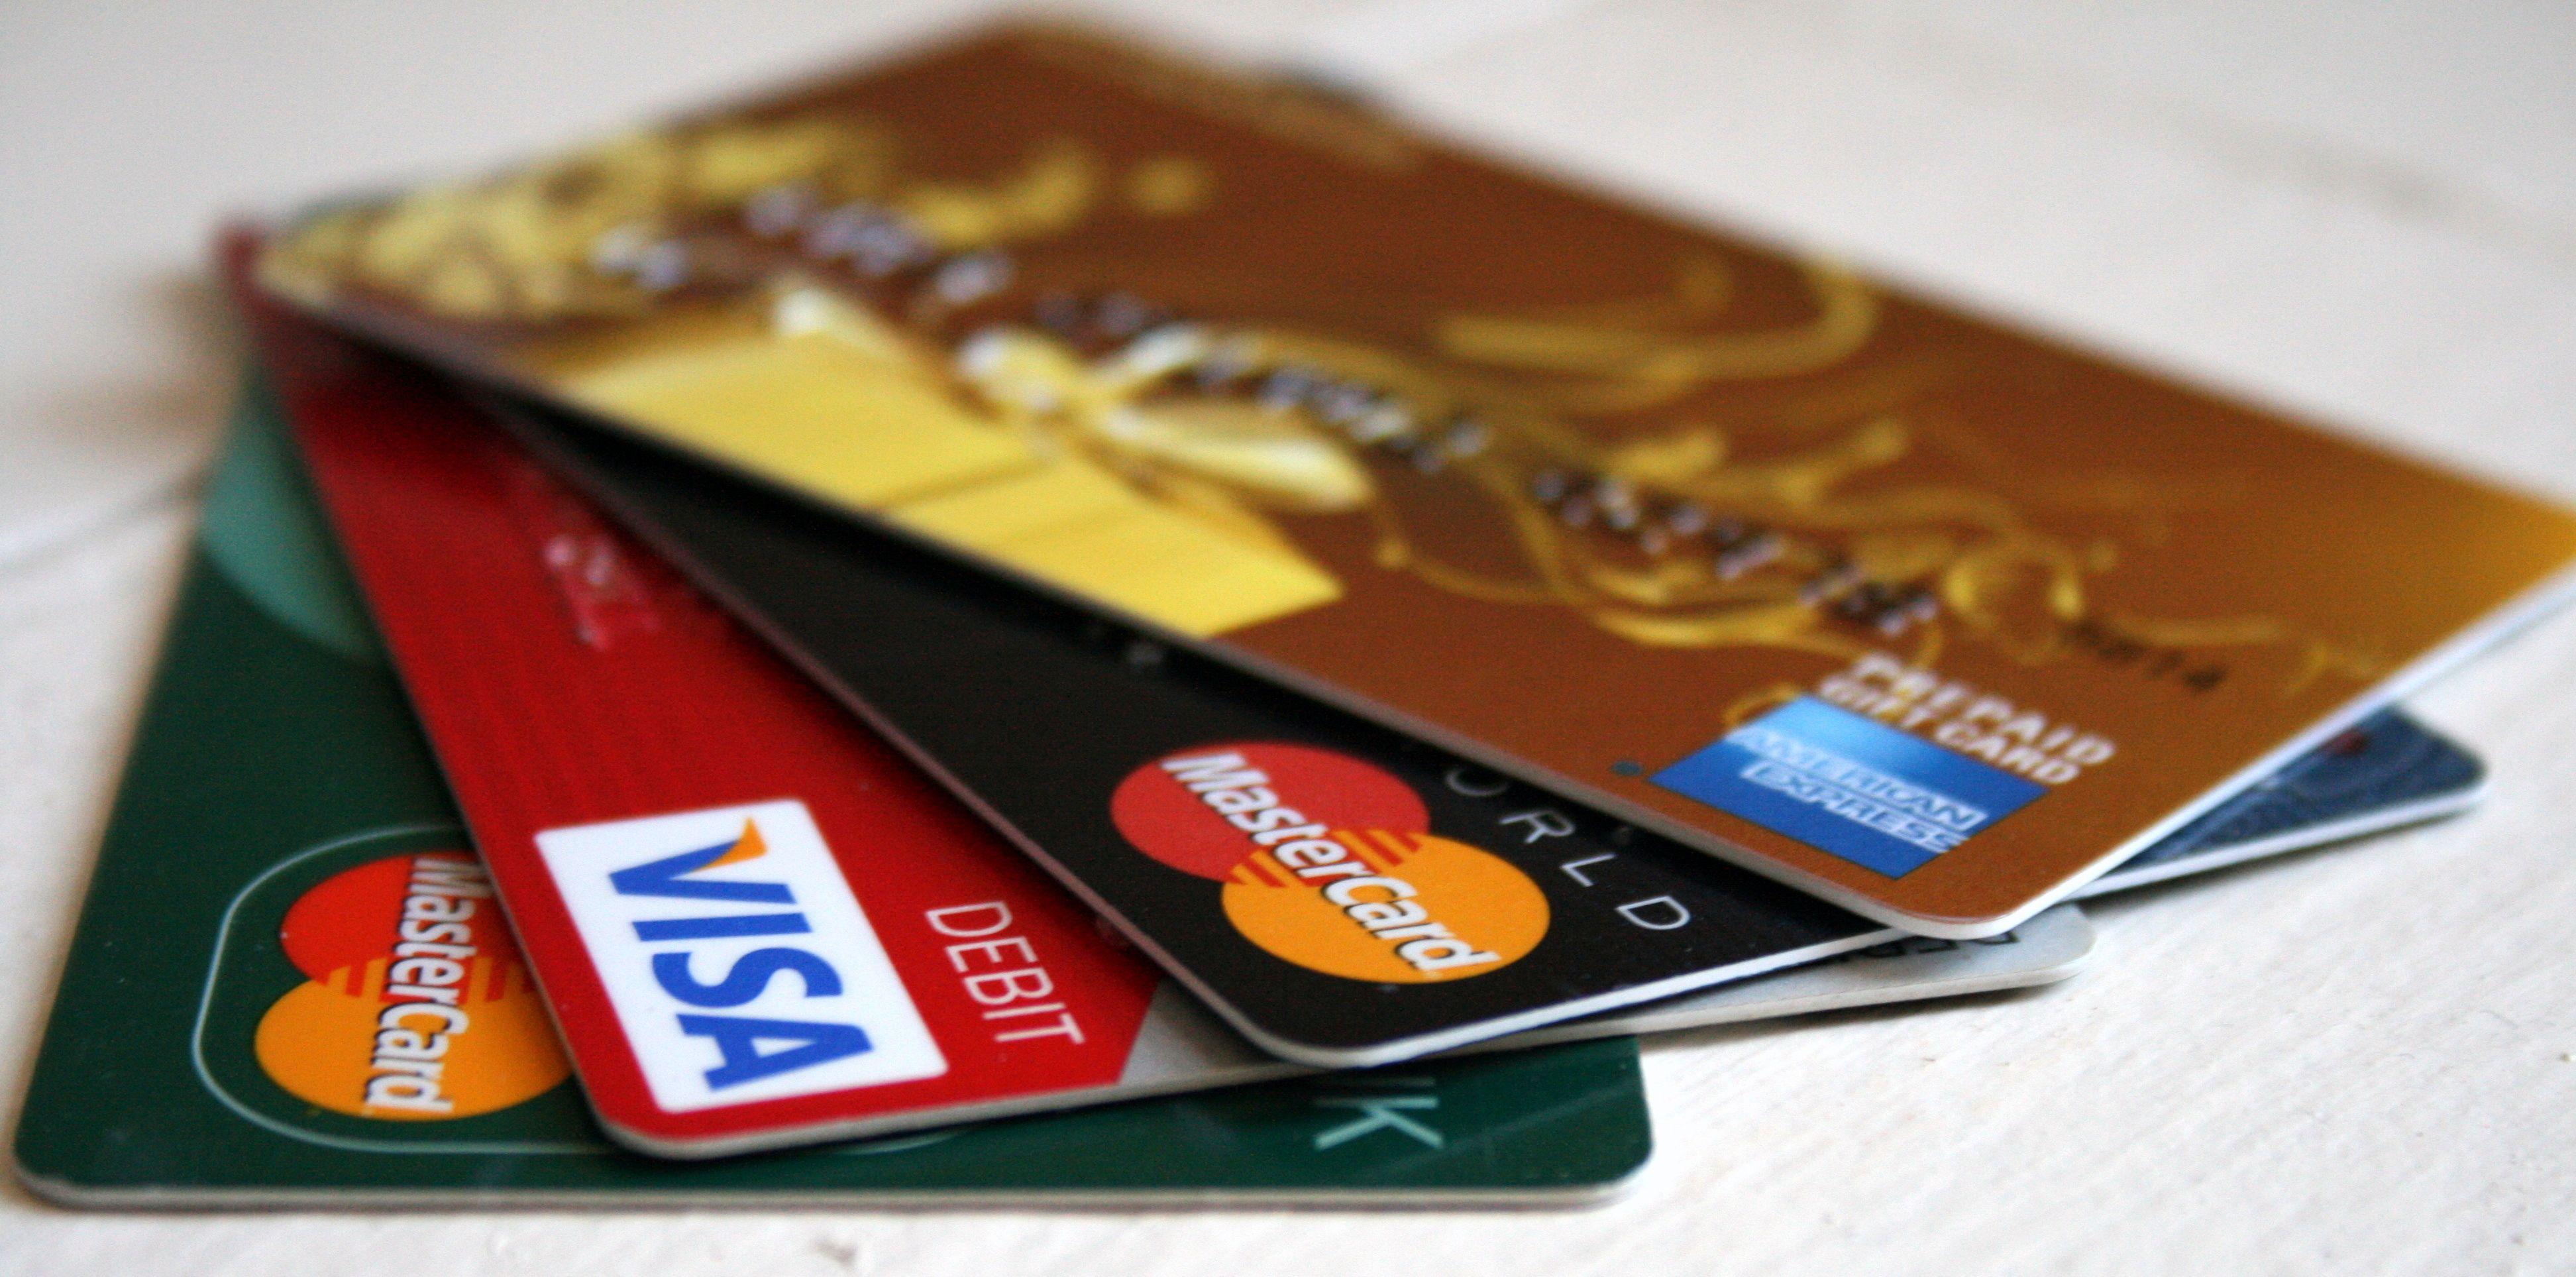 Отзывы о русфинанс банке по кредитам